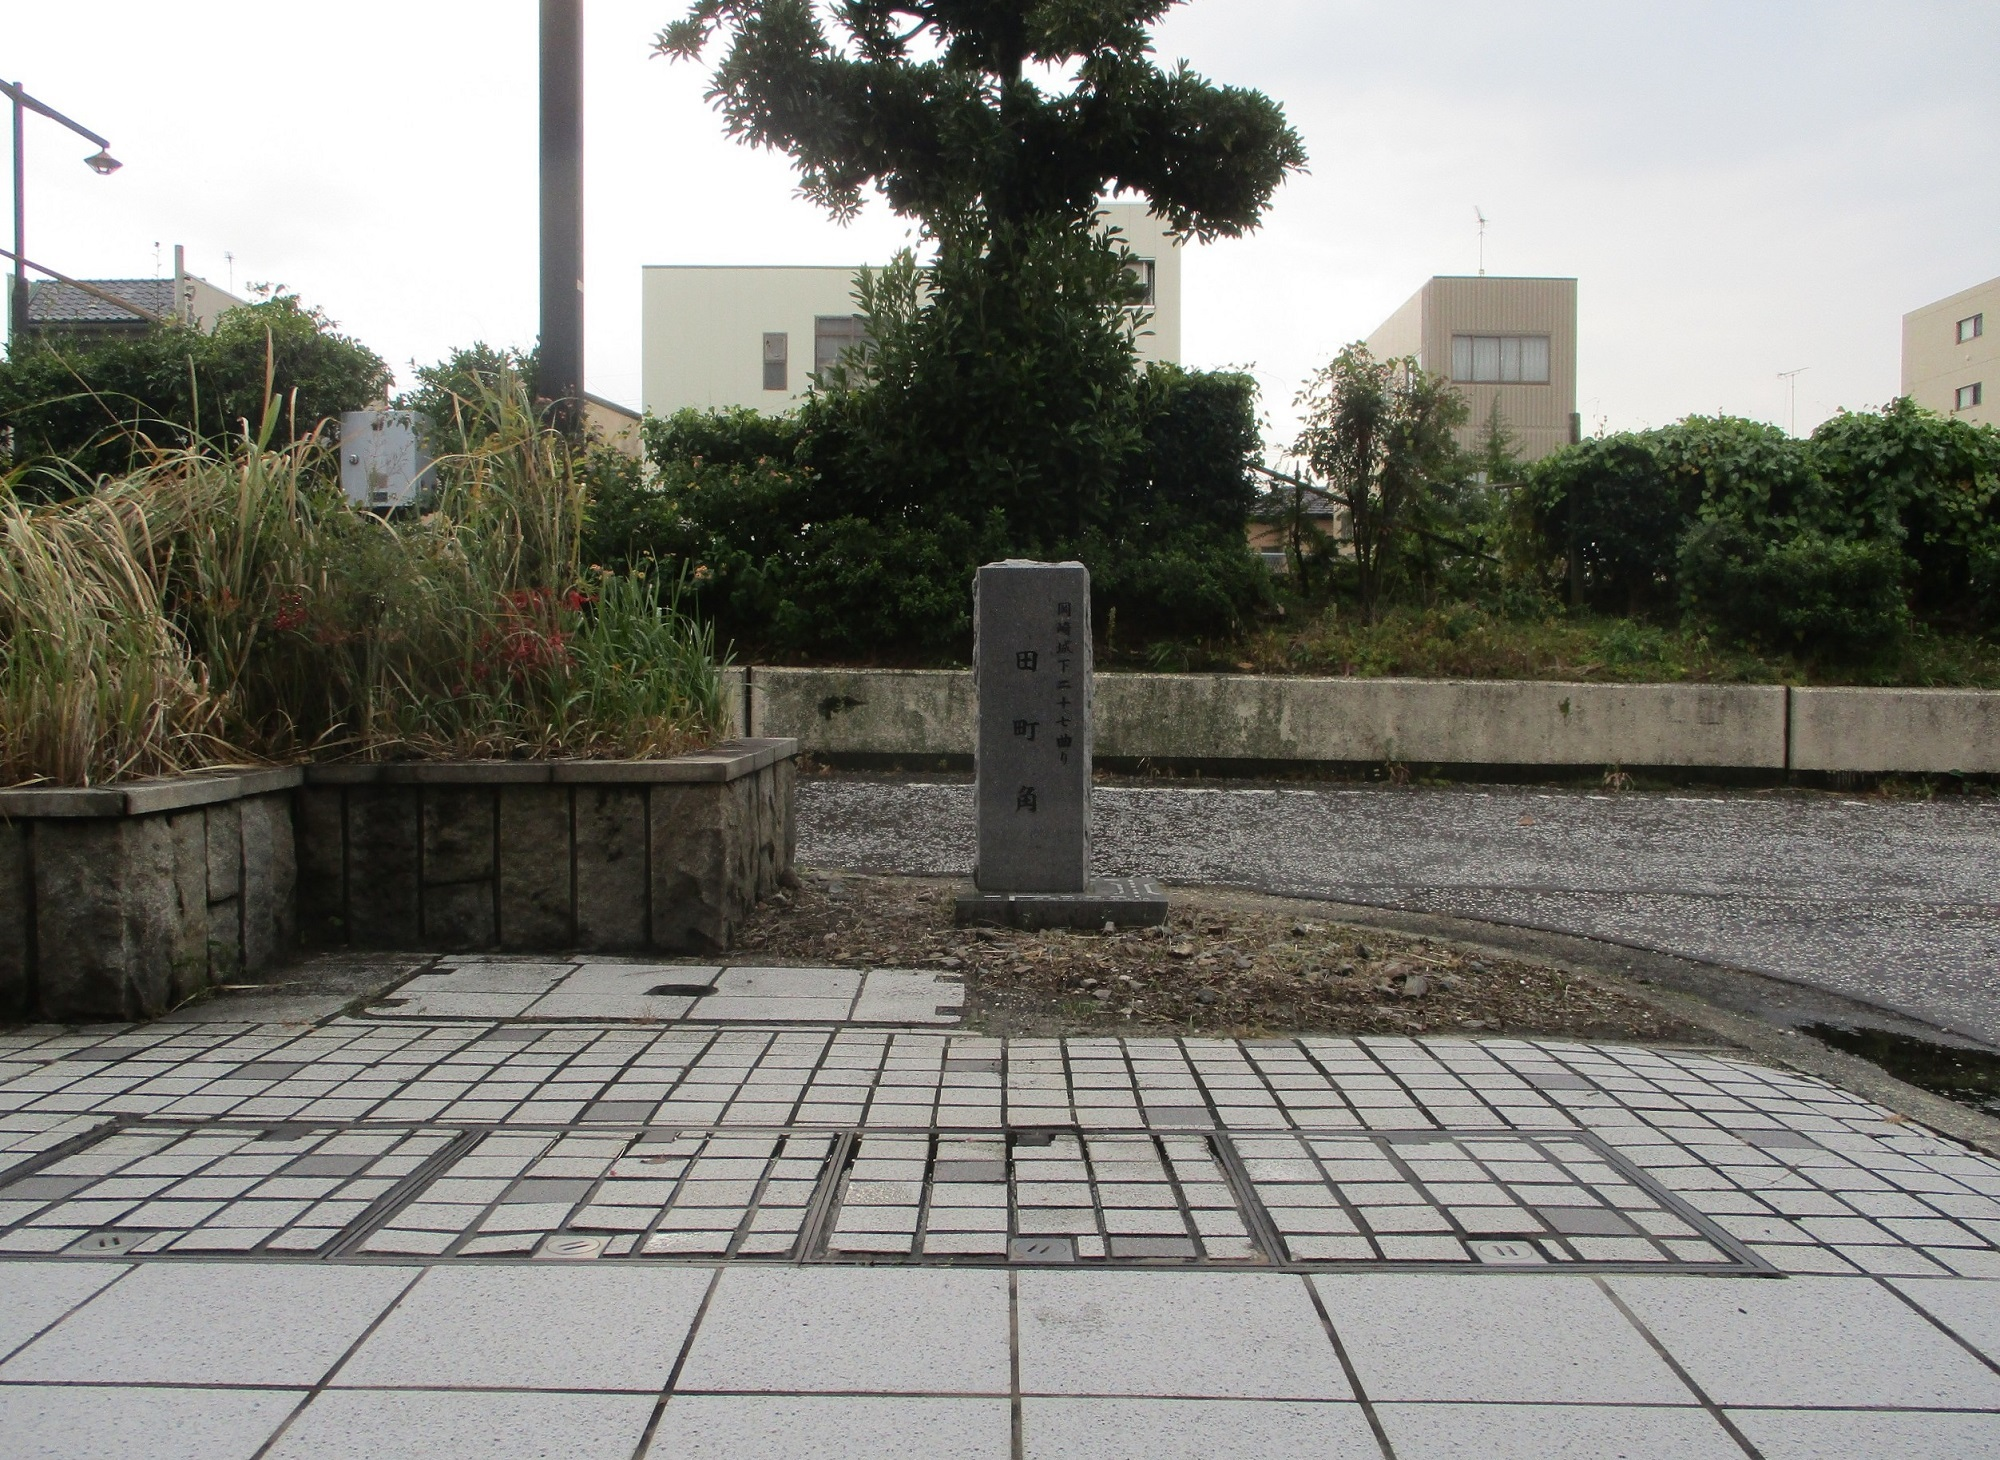 2019.11.11 (11) 岡崎城下27まがり - 国道1号線きたのいしぶみ 2000-1460